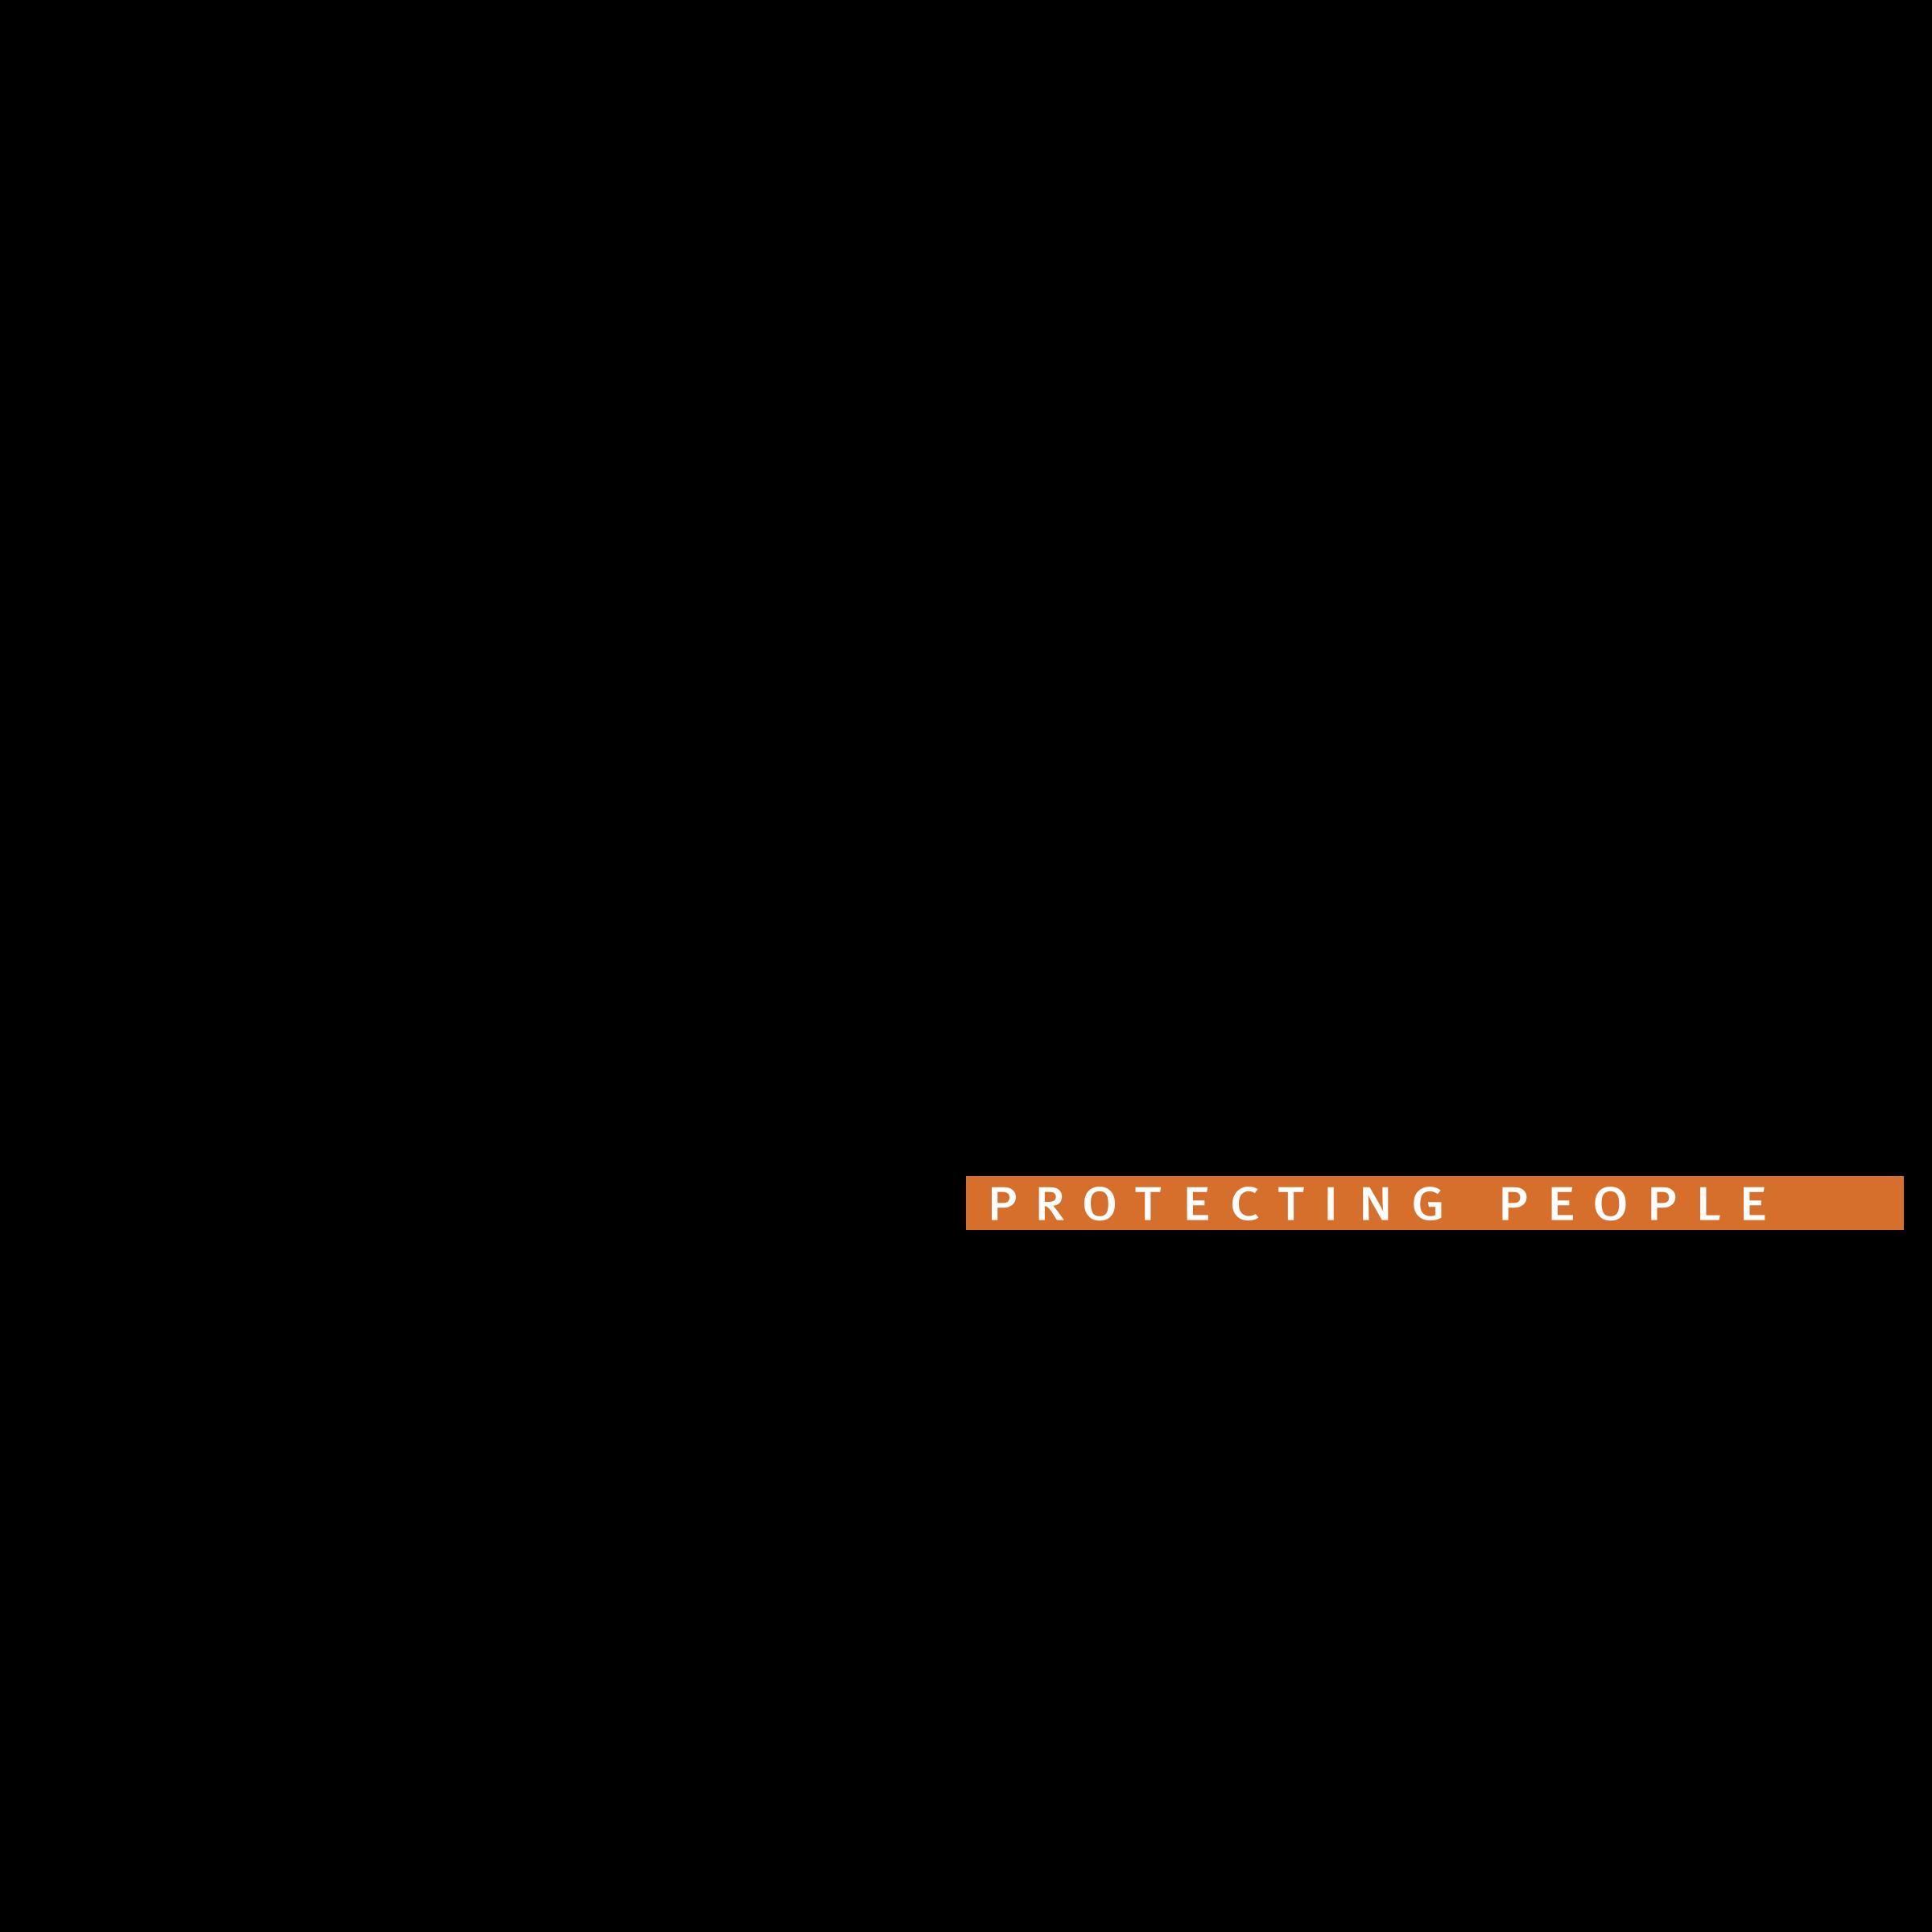 uvex-logo-png-transparent